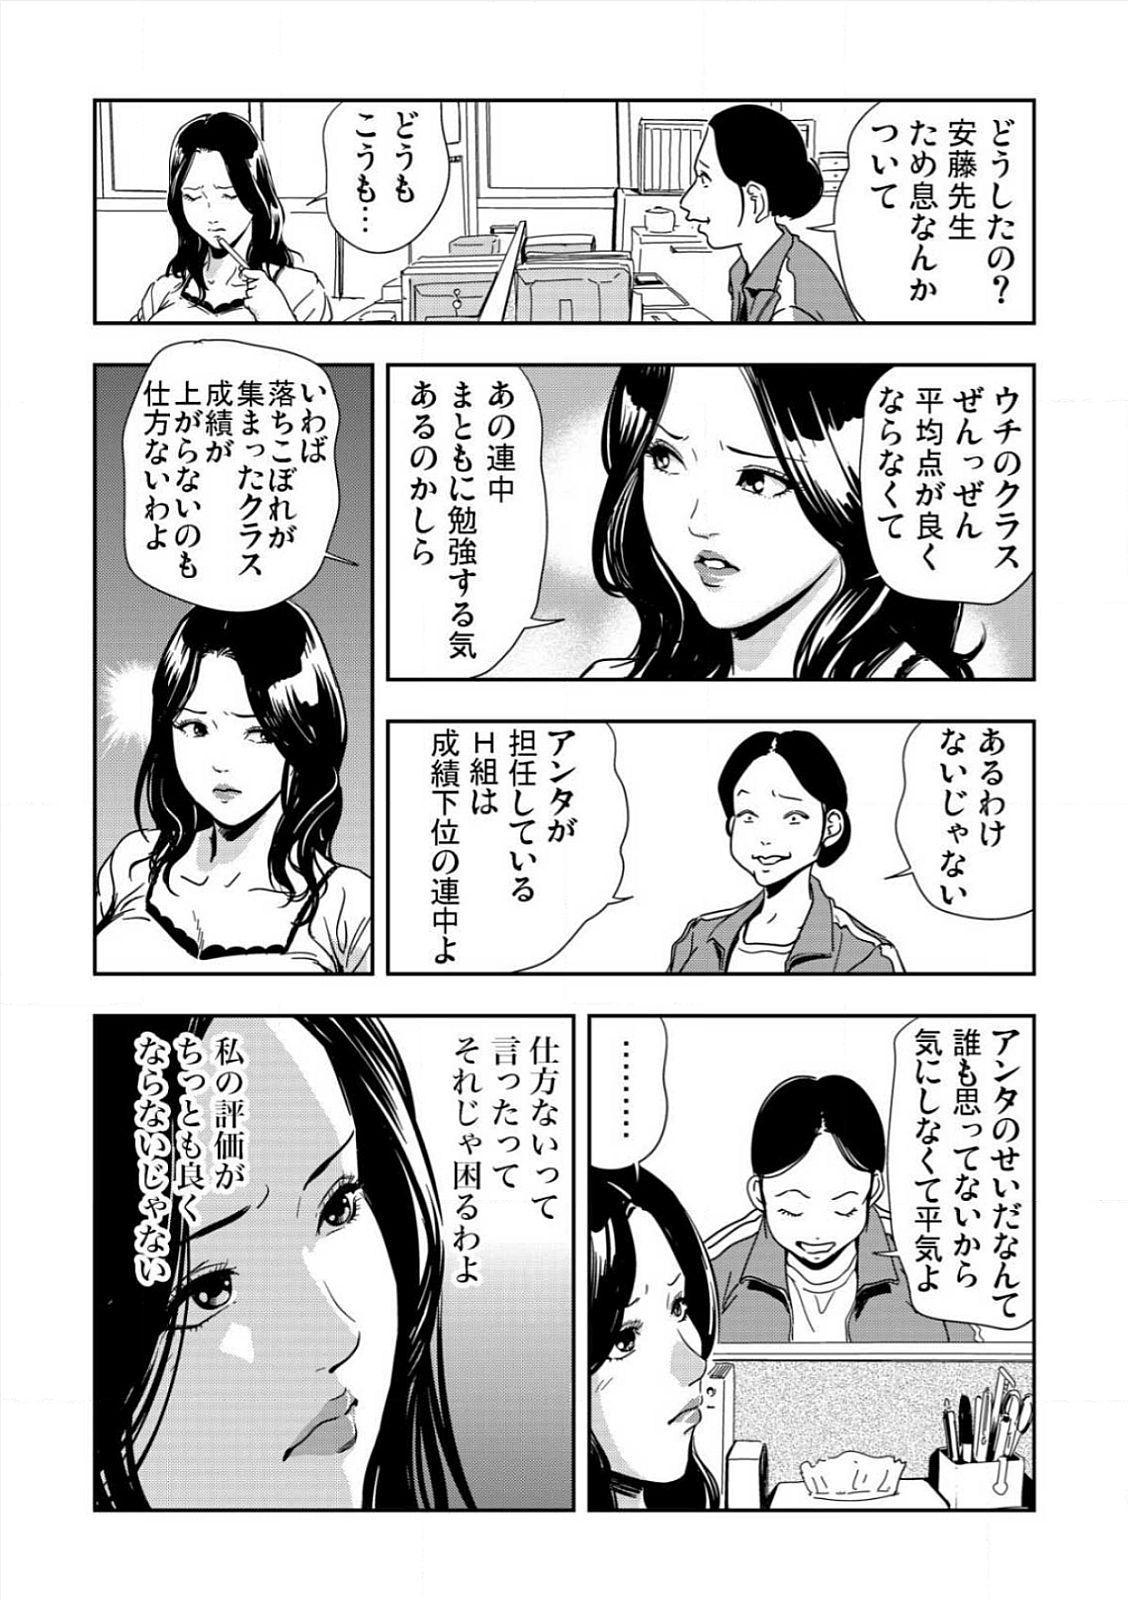 [Misaki Yukihiro] Kyousei Shidou ~Mechakucha ni Kegasarete~ (1)~(6) [Digital] 107